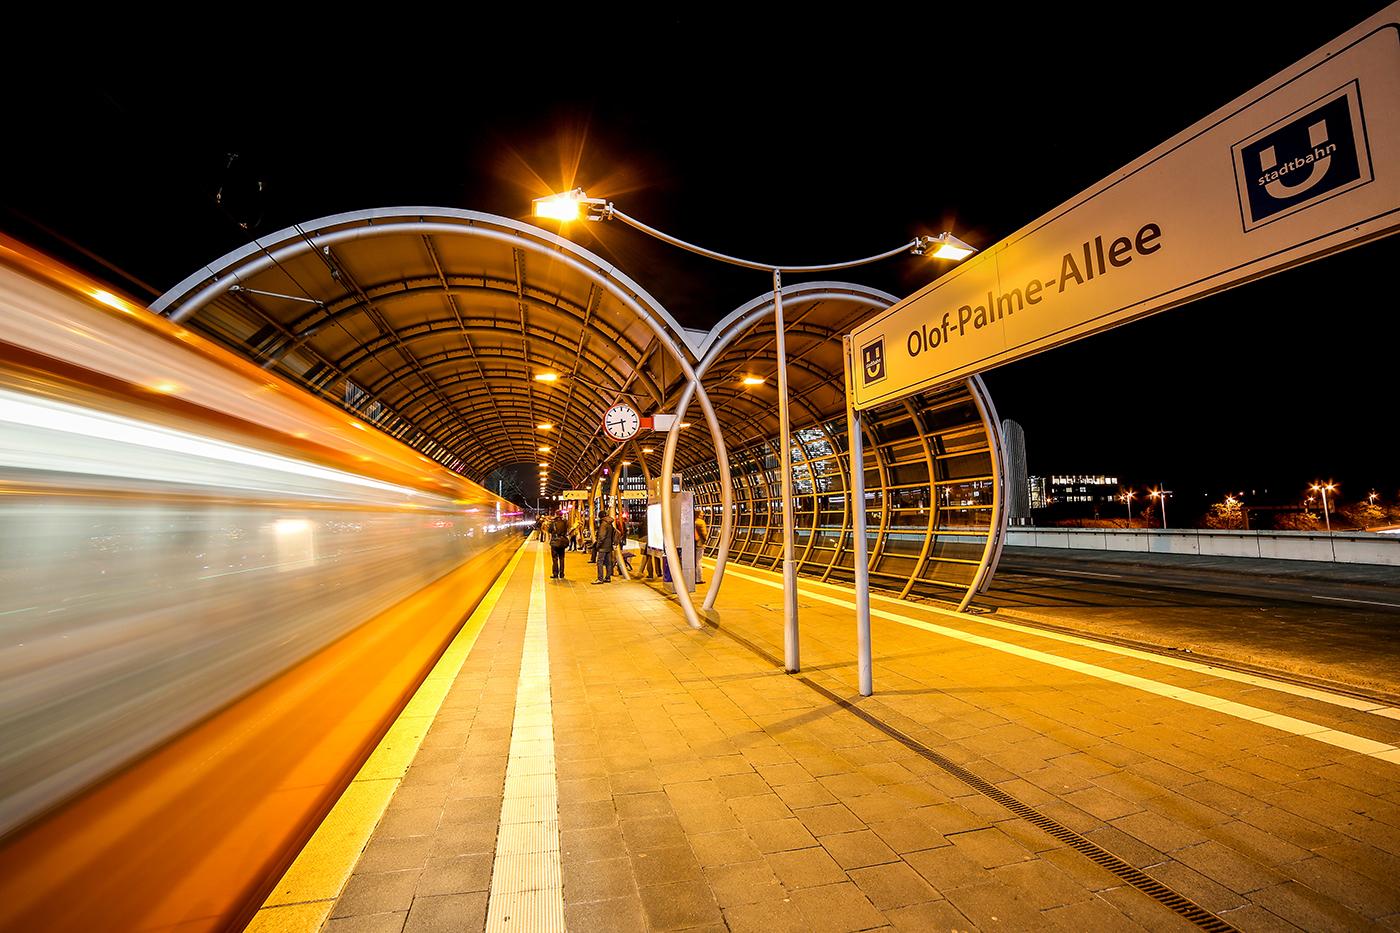 Vorsicht vor der Bahnsteigkante | © Fred Eversmann